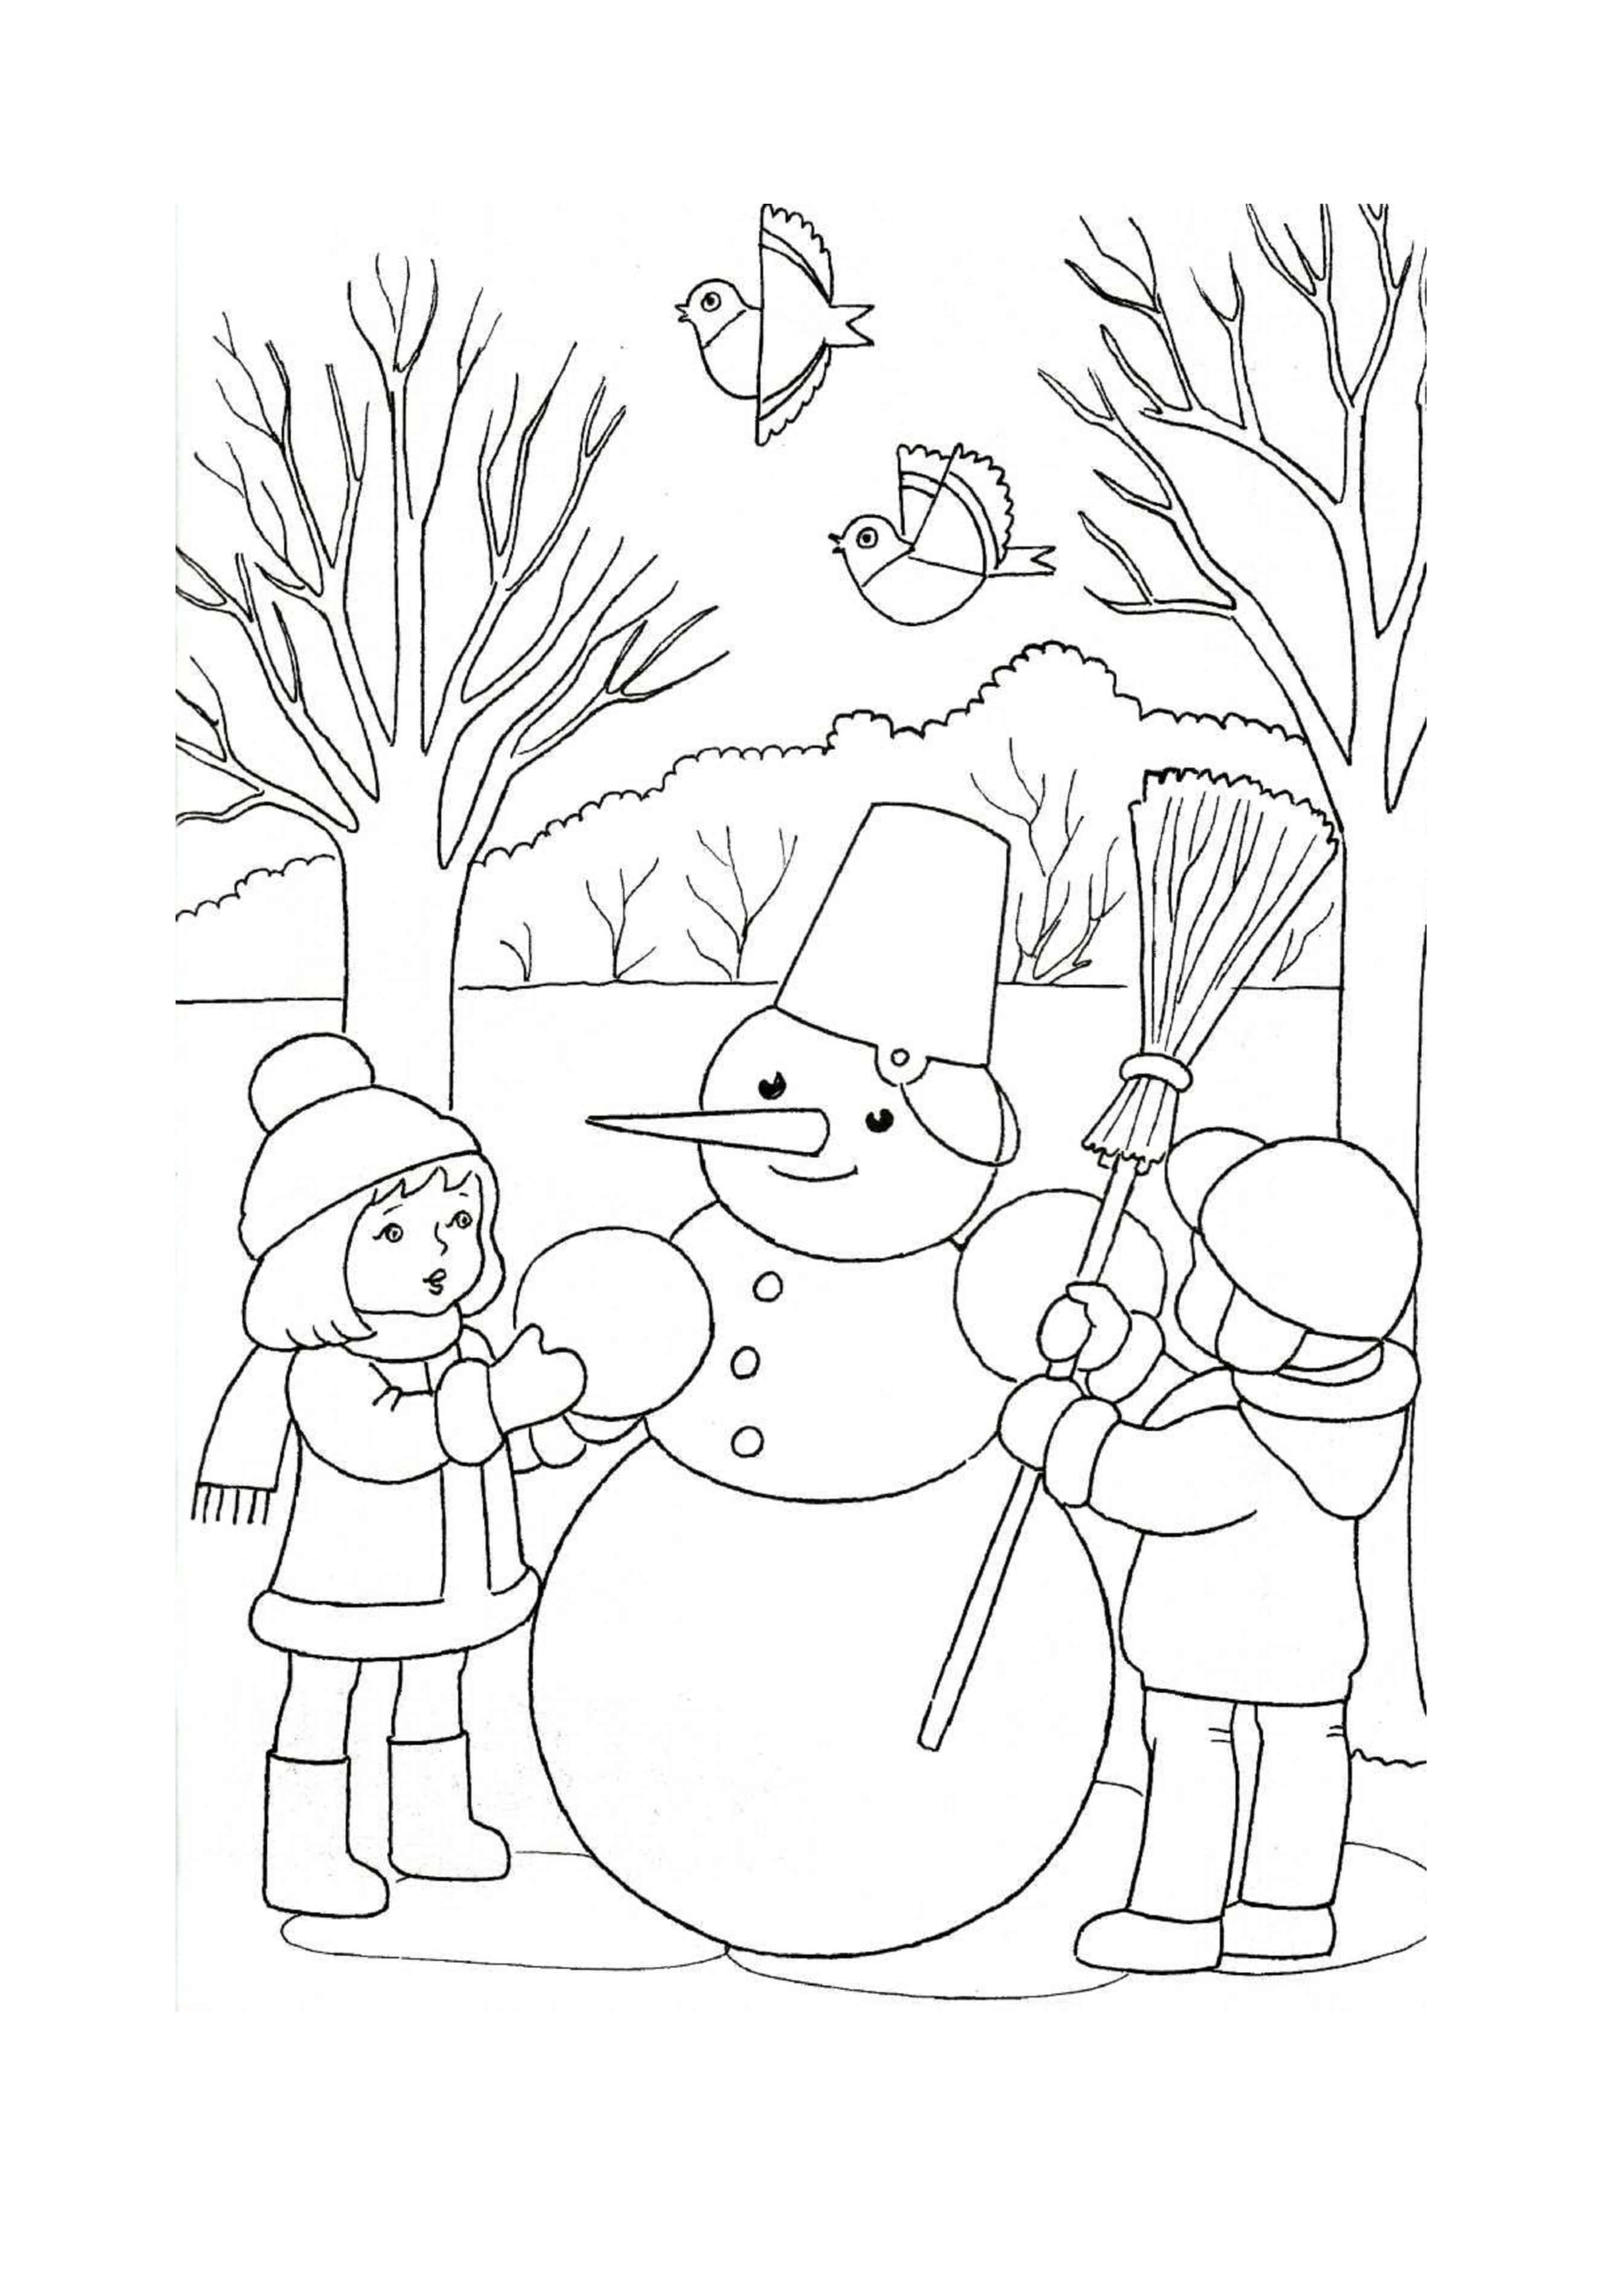 Лучшие картинки рисунки снеговиков для срисовки - коллекция 5